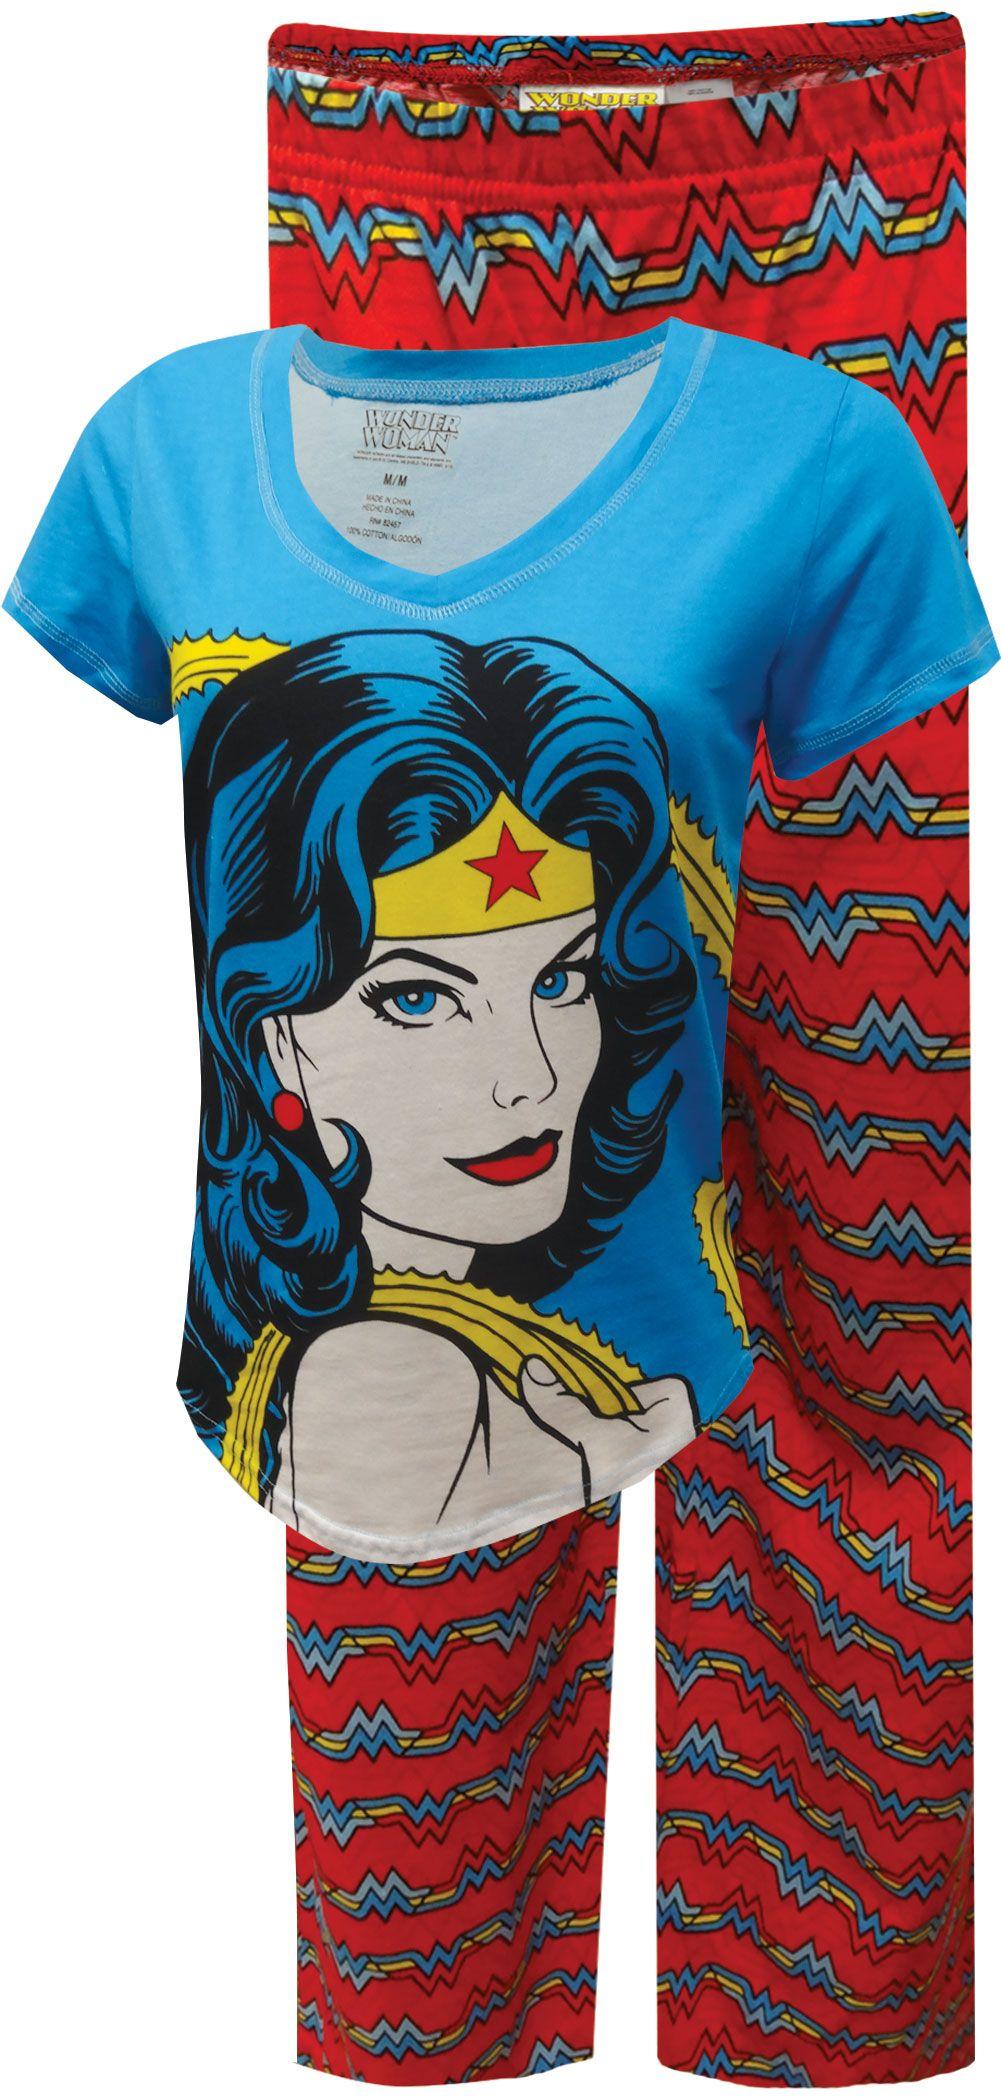 Dc Comics Wonder Woman Plus Size Cotton Pajama Superman Wonder Woman Wonder Woman Wonder Woman Party